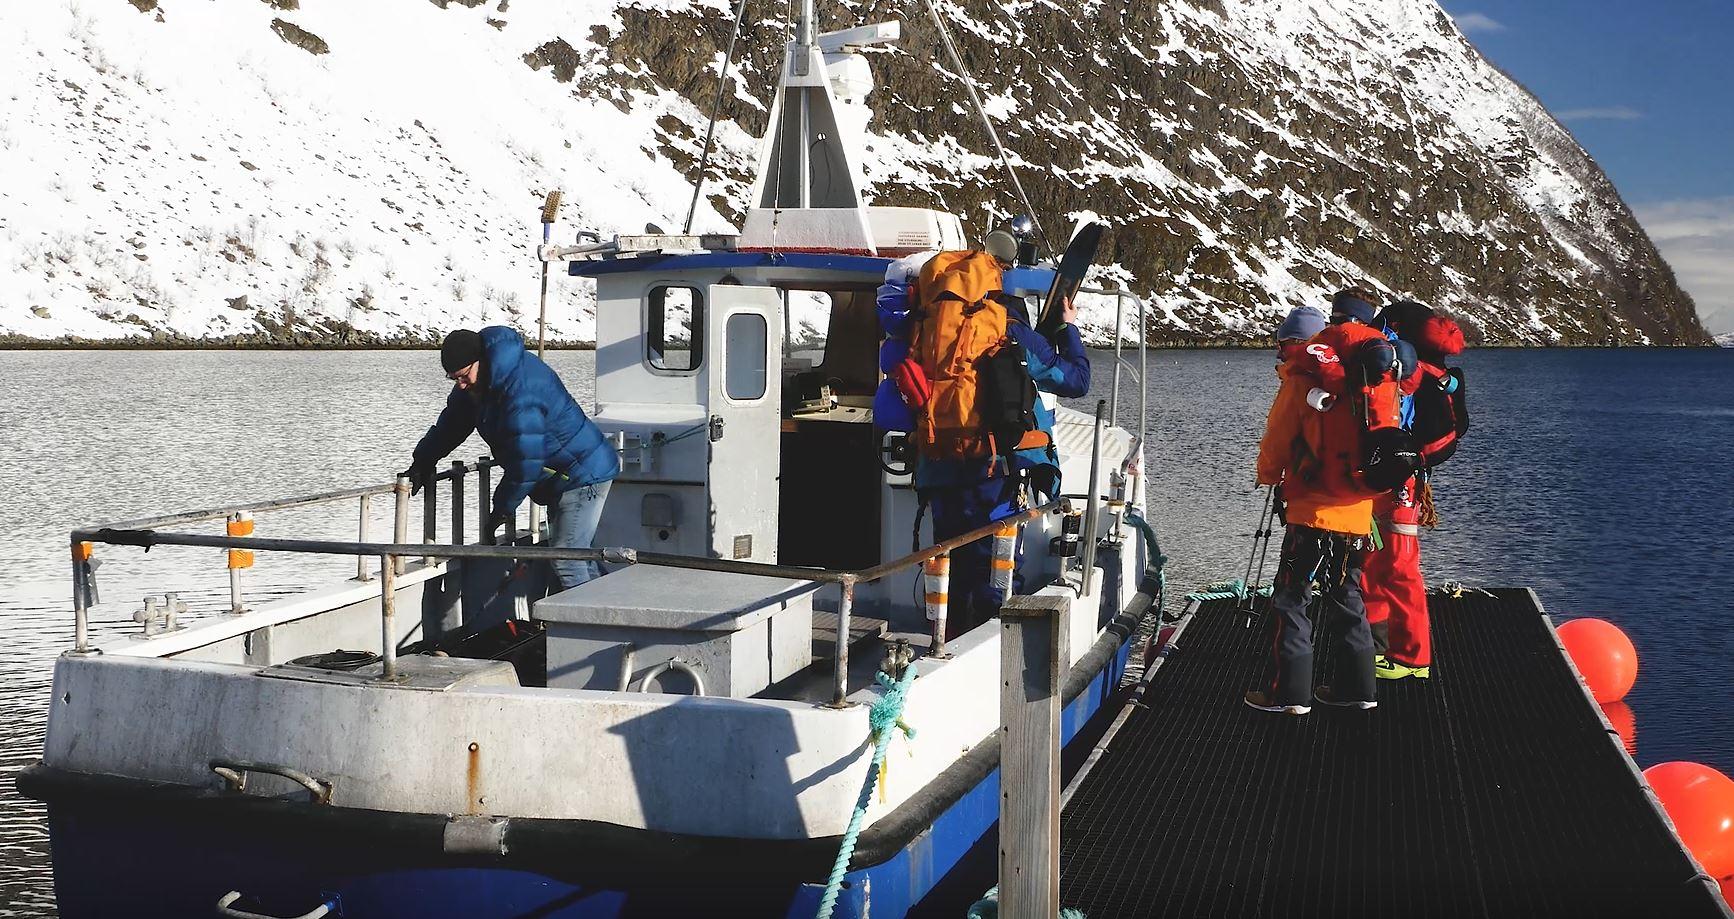 Boattransport to Strupen for skiing - Koppangen Brygger